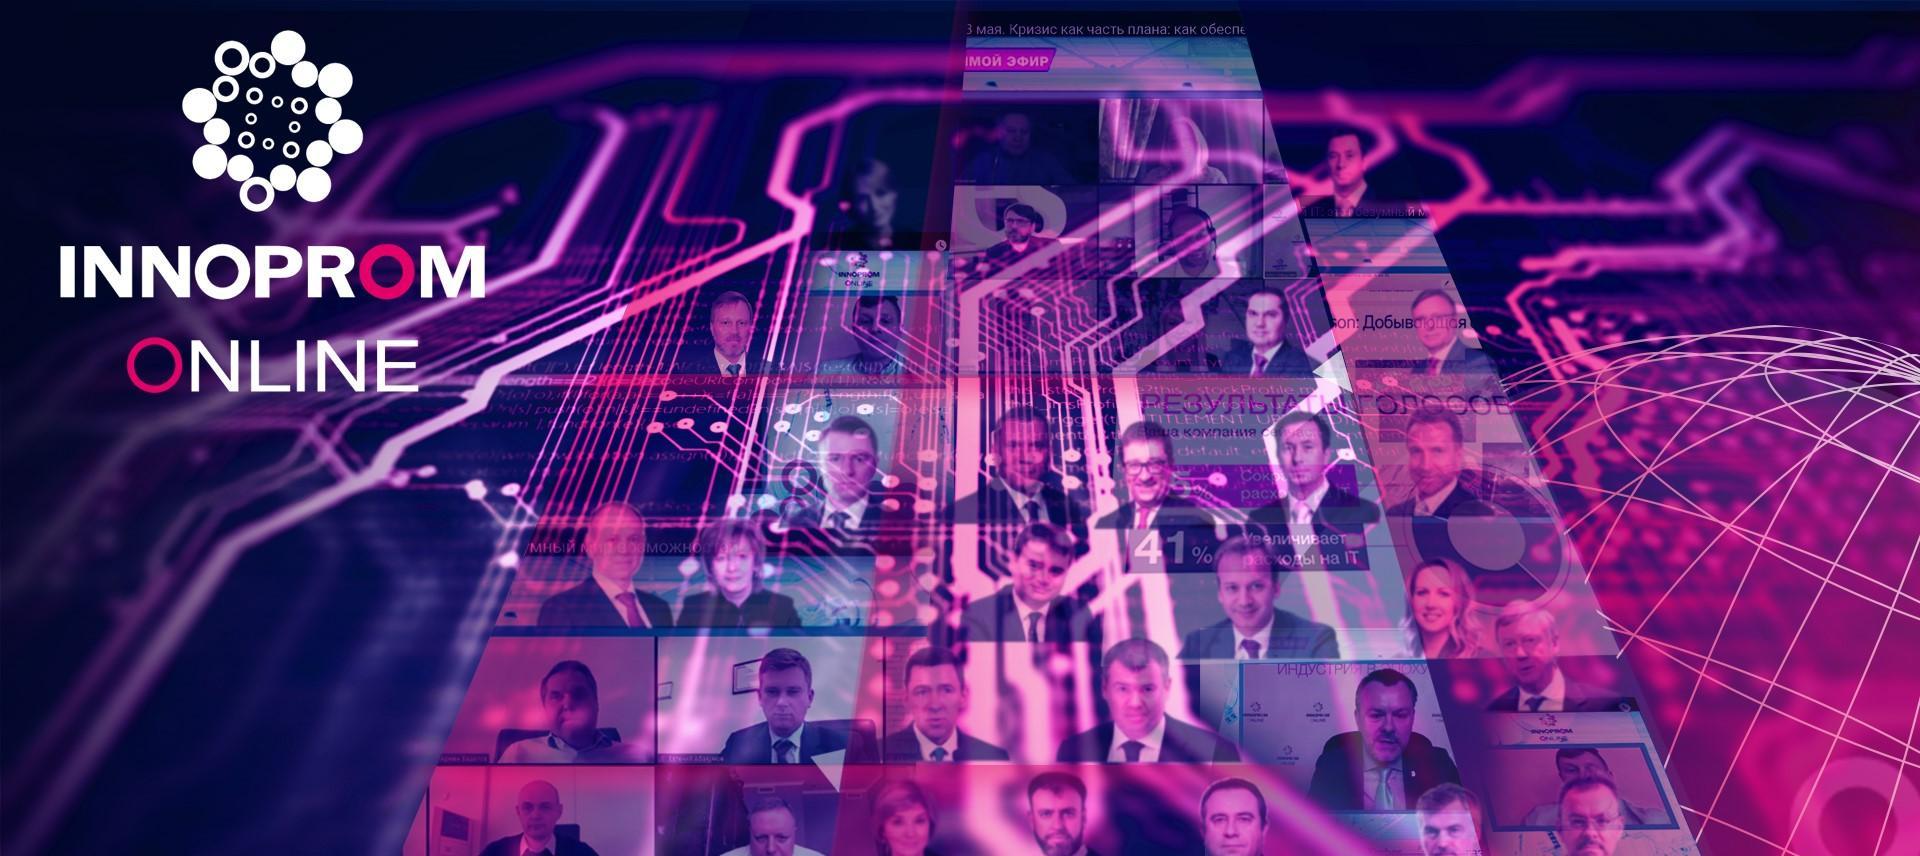 В рамках Иннопром онлайн обсудят как коронакризис повлиял на повышение производительности труда в России и мире